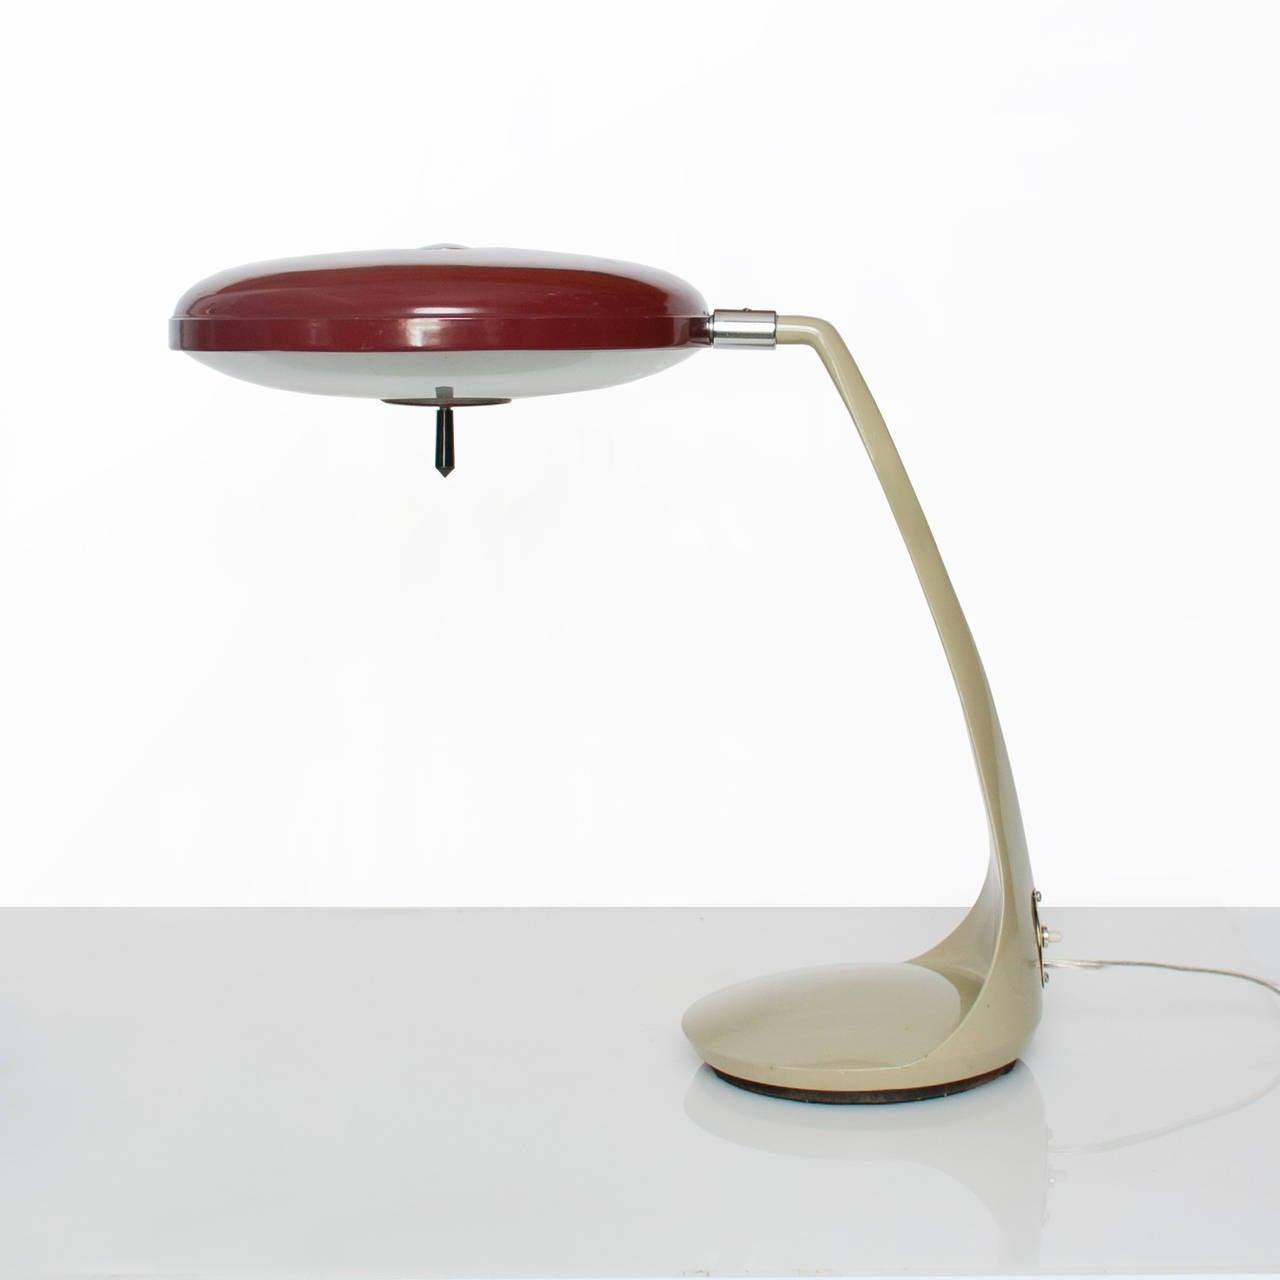 midcentury modern lupela desk lamp in rare red color spain  - midcentury modern lupela desk lamp in rare red color spain s